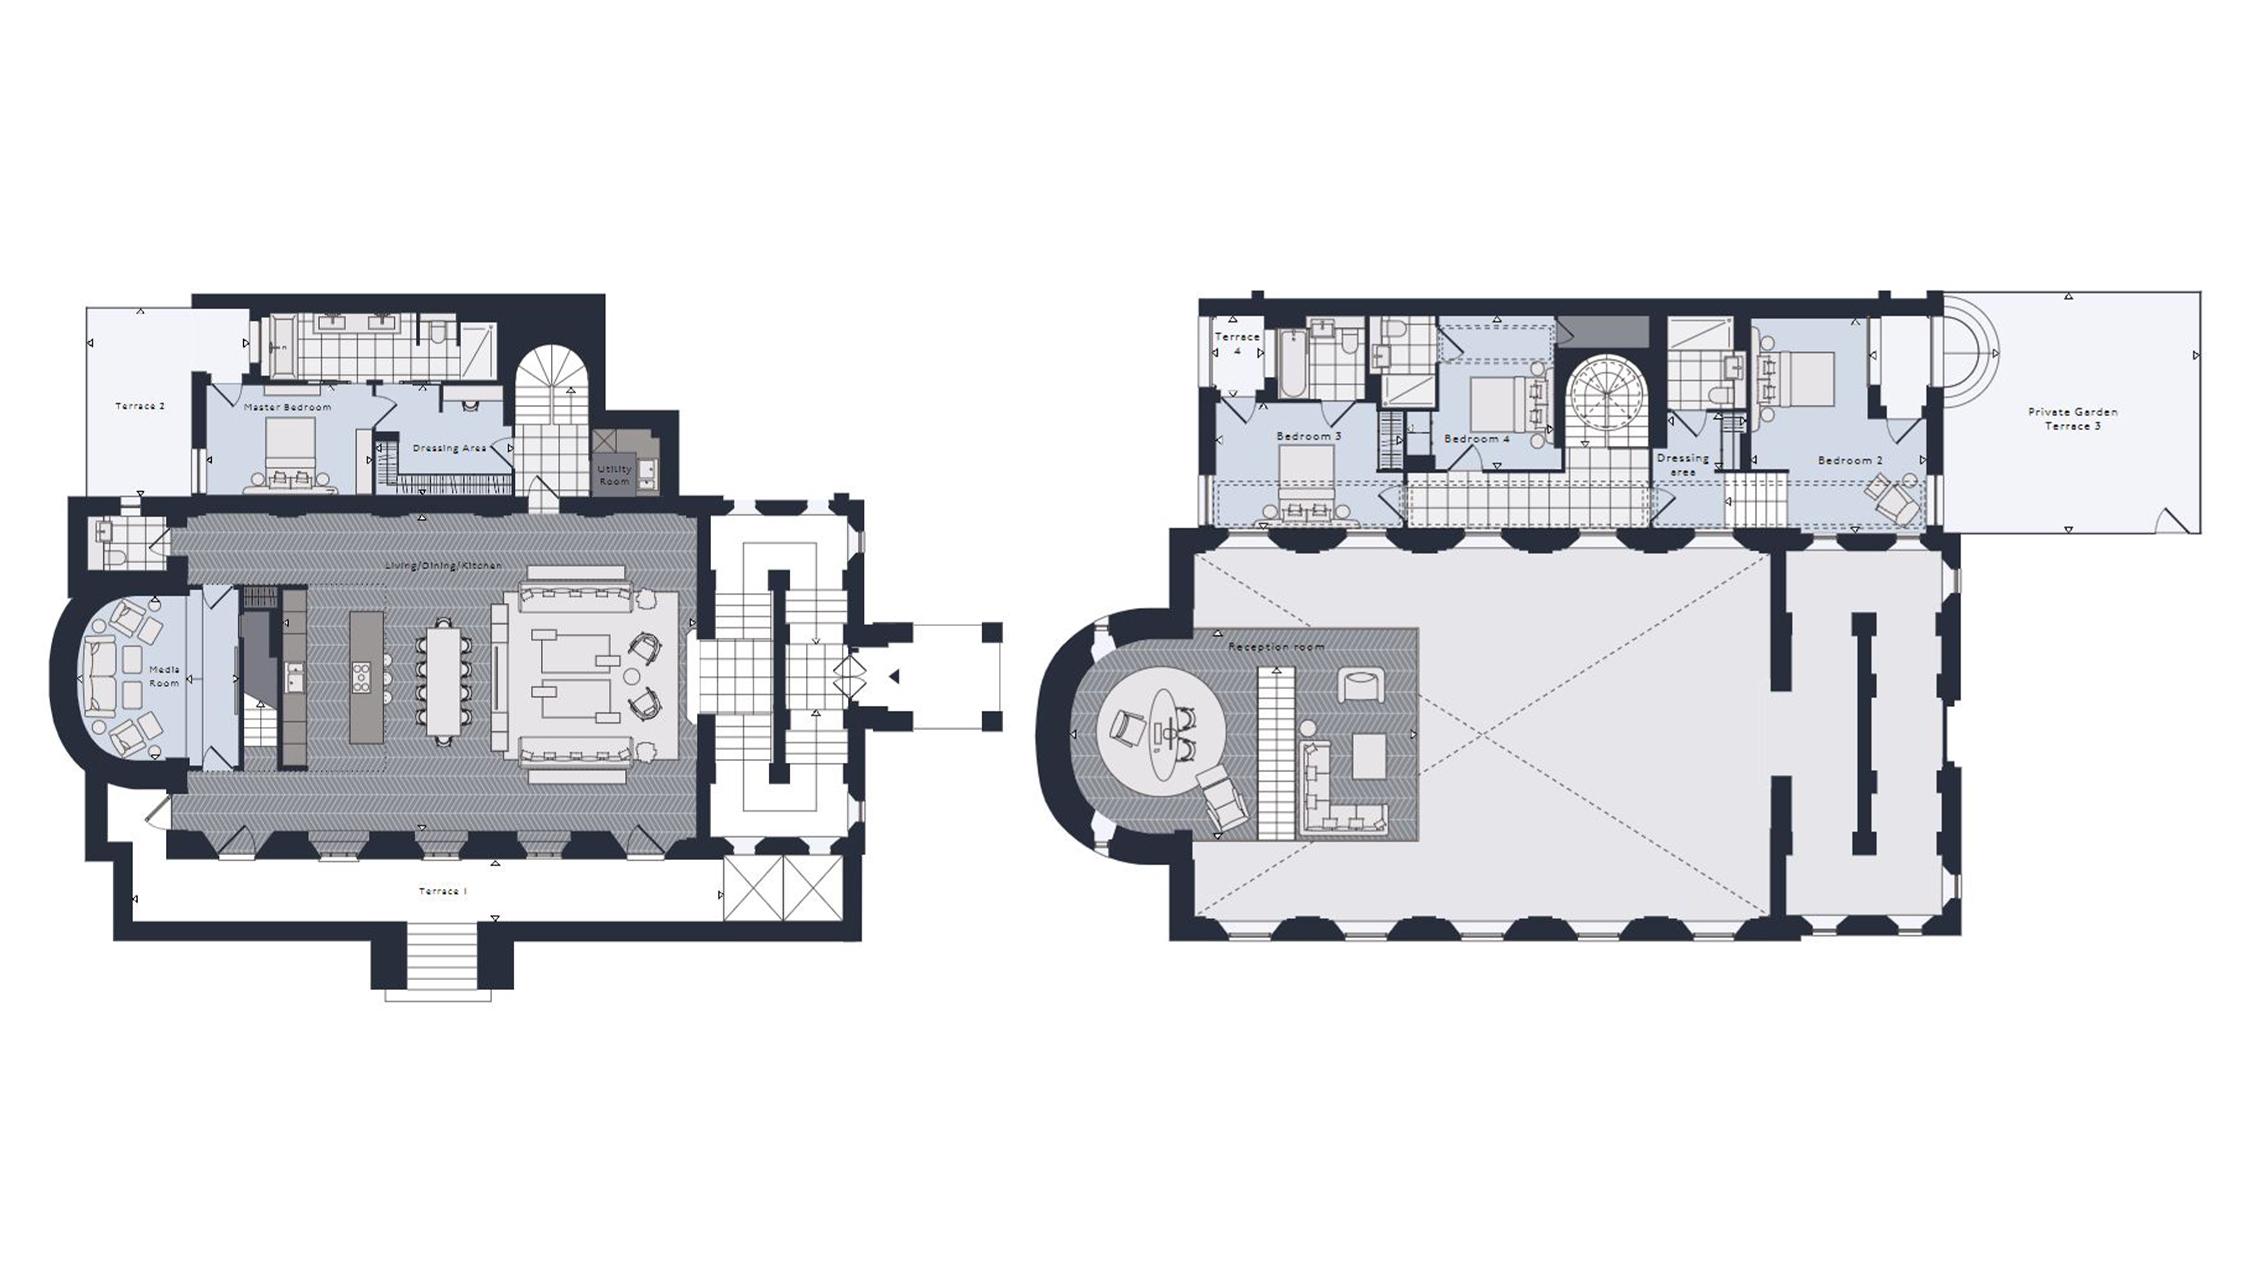 Https://D2Hxw1Celoutbe.Cloudfront.Net/Media/Filer_Public/C0/B5/C0B594Cb-1873-4Eec-8F4B-4Da353140609/The-Chapel-Floor-Plan-3.Jpg